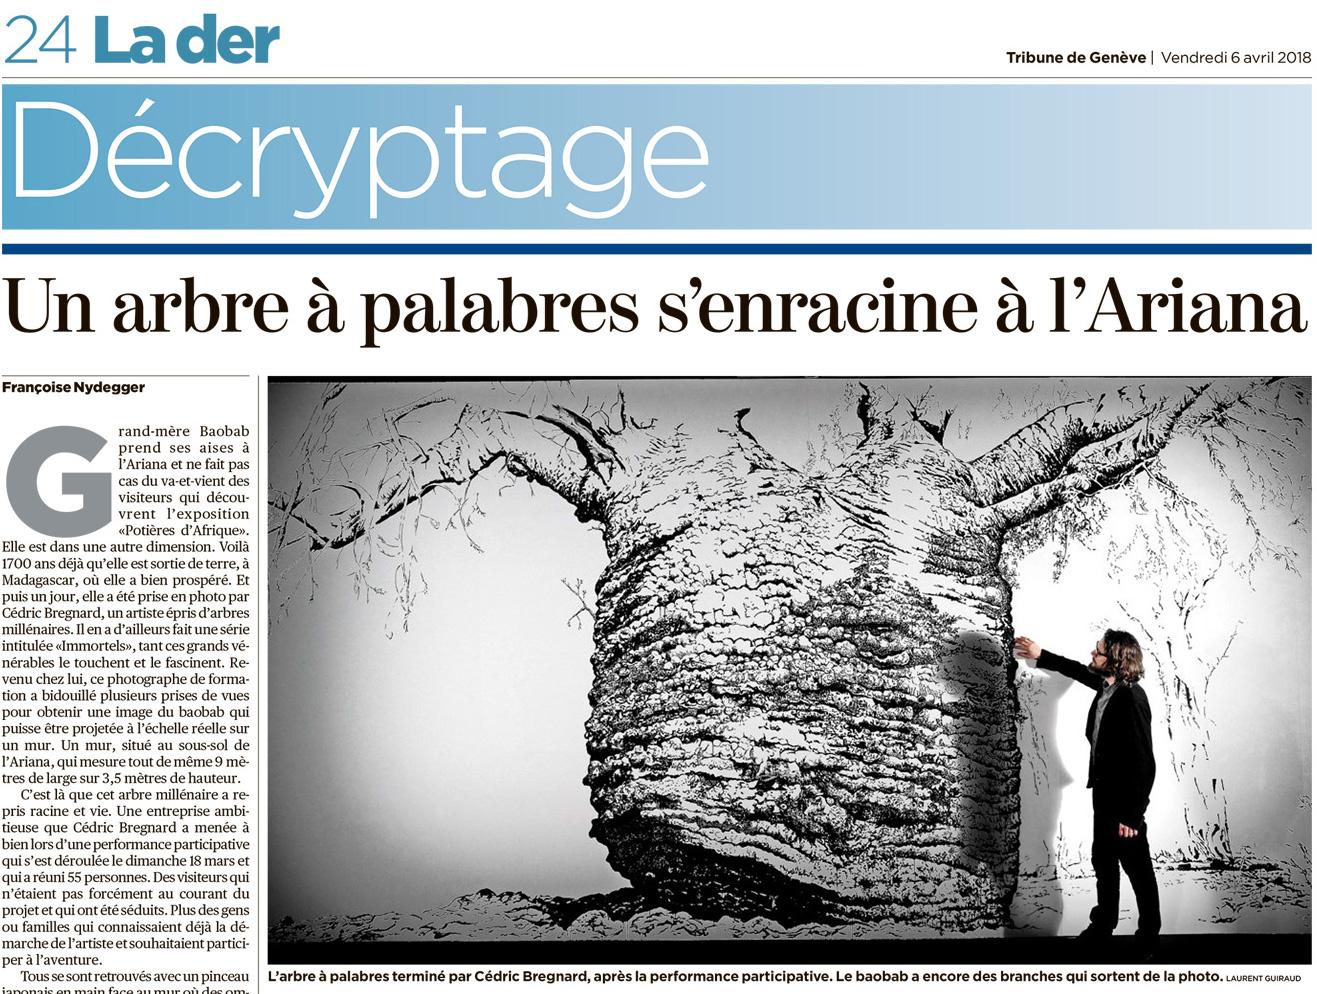 Décryptage | Tribune de Genève